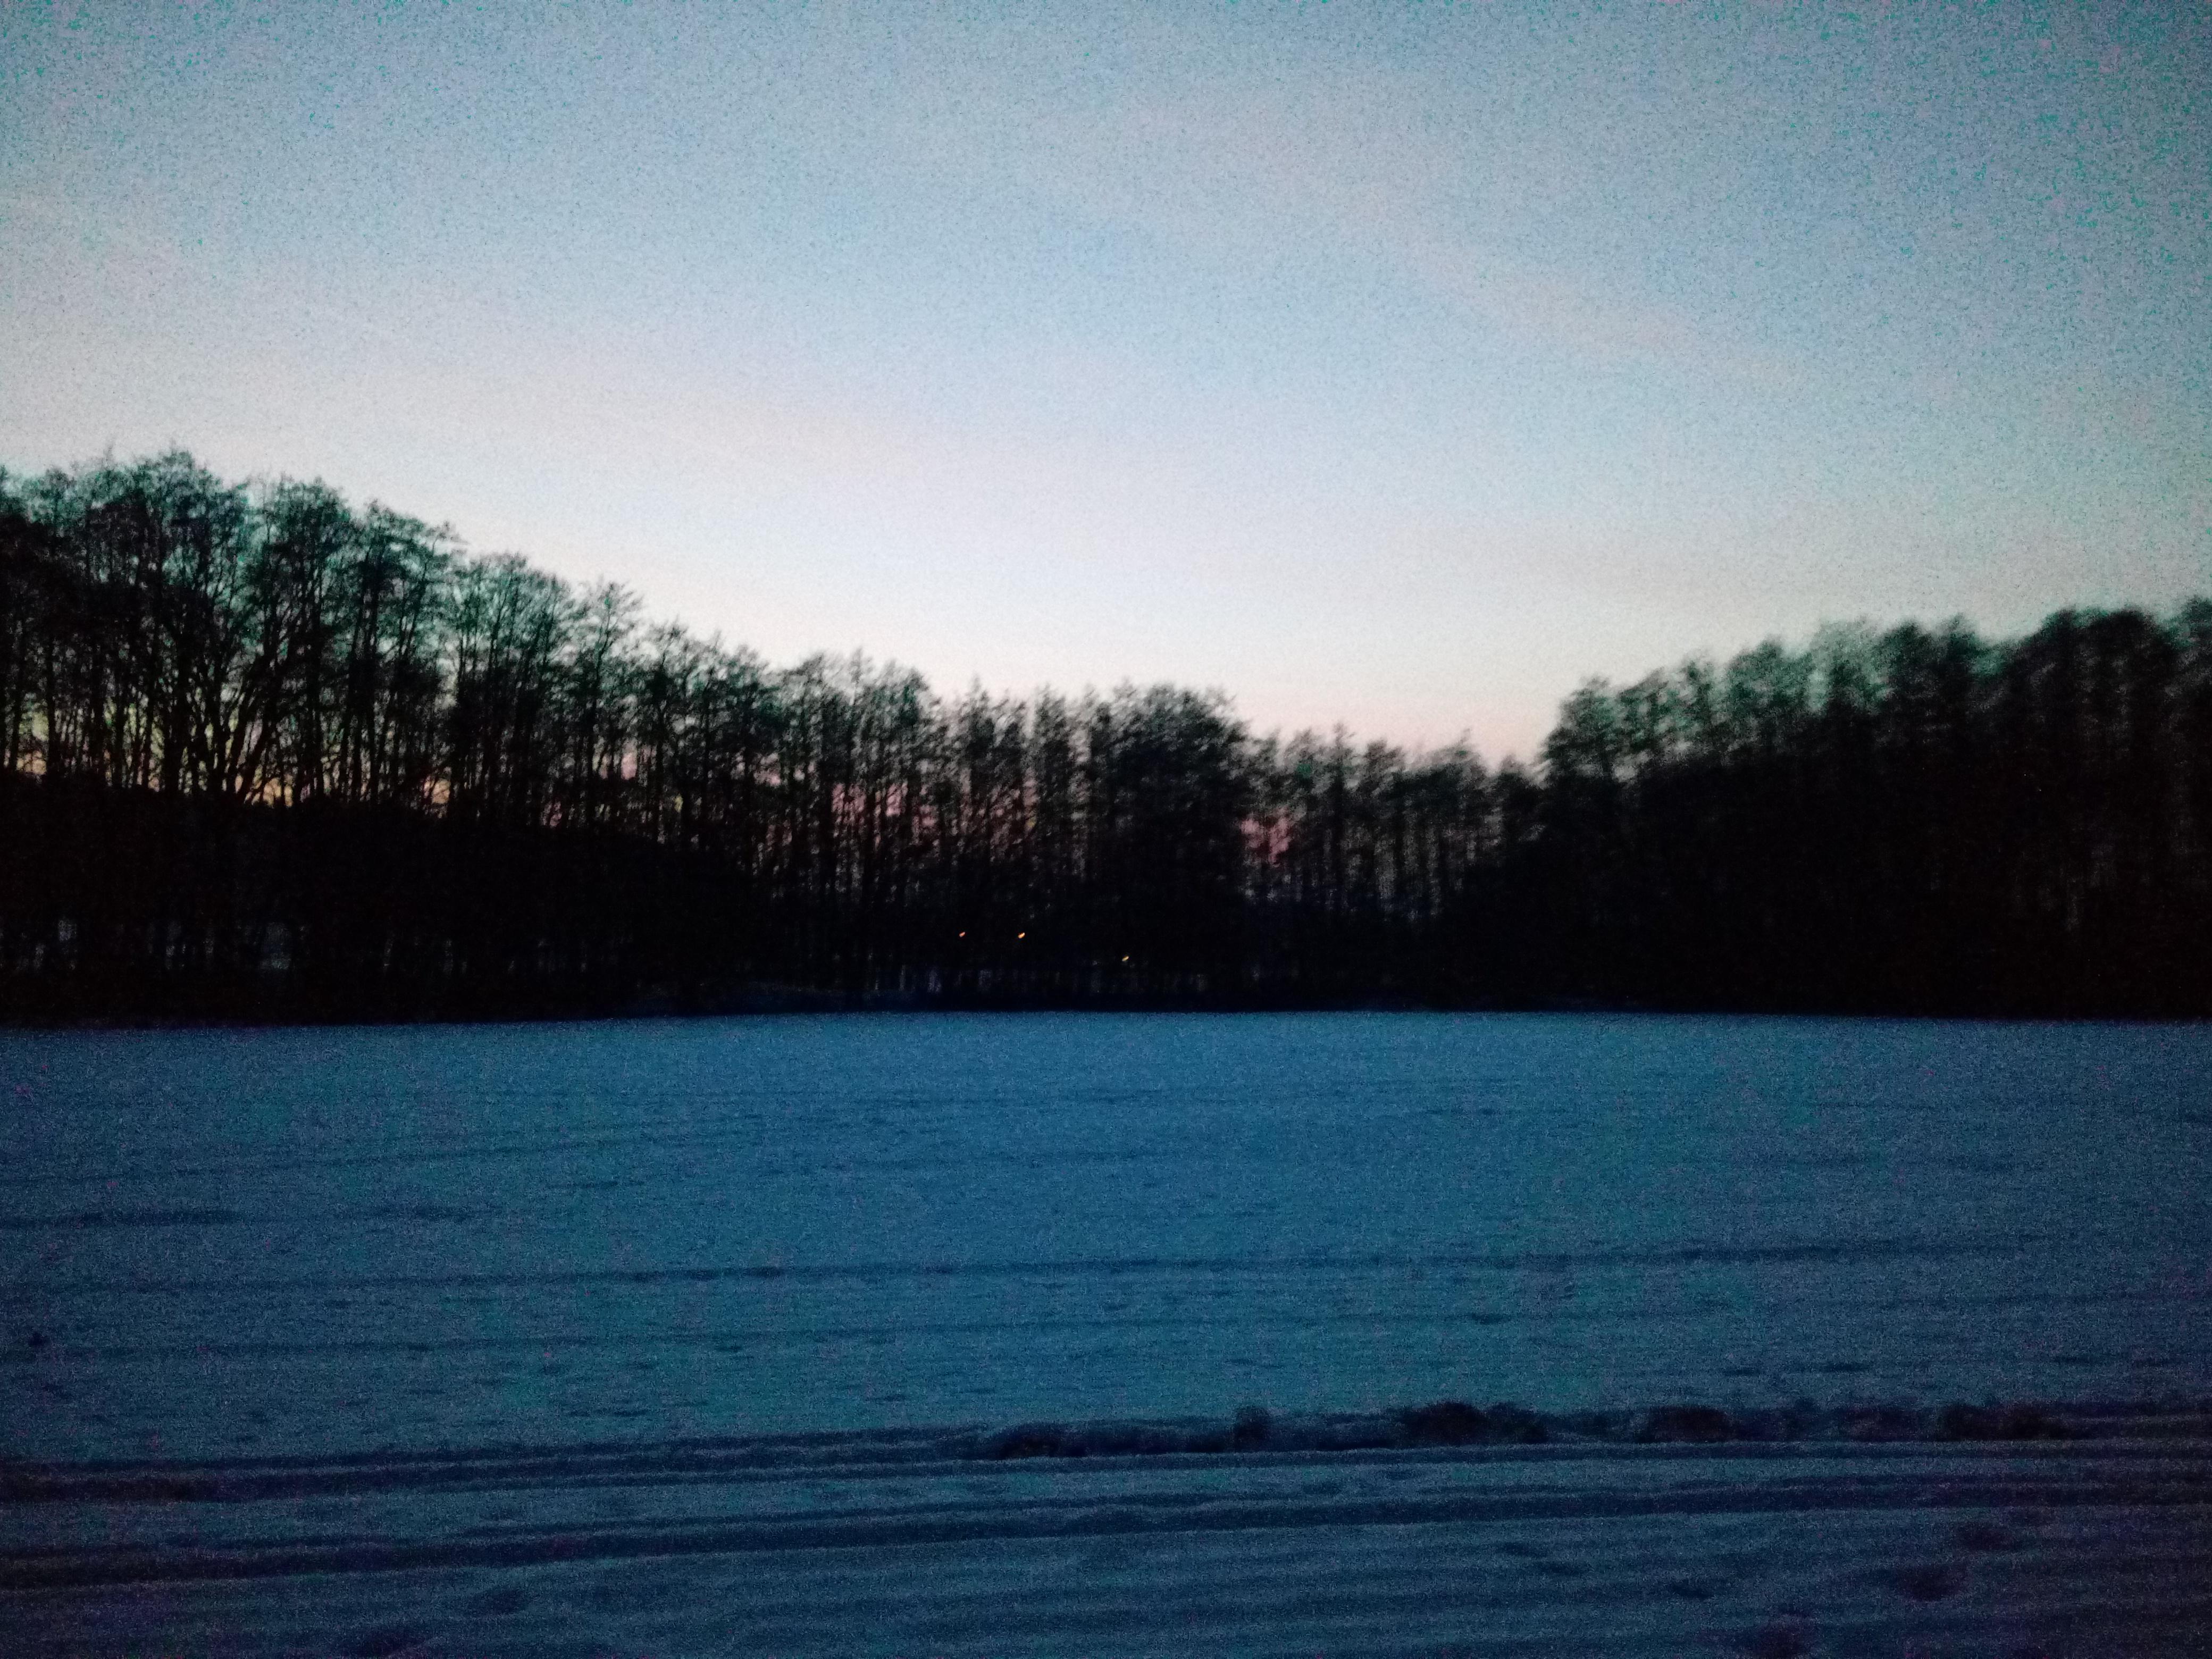 Flugzeuge im Wald im Winter